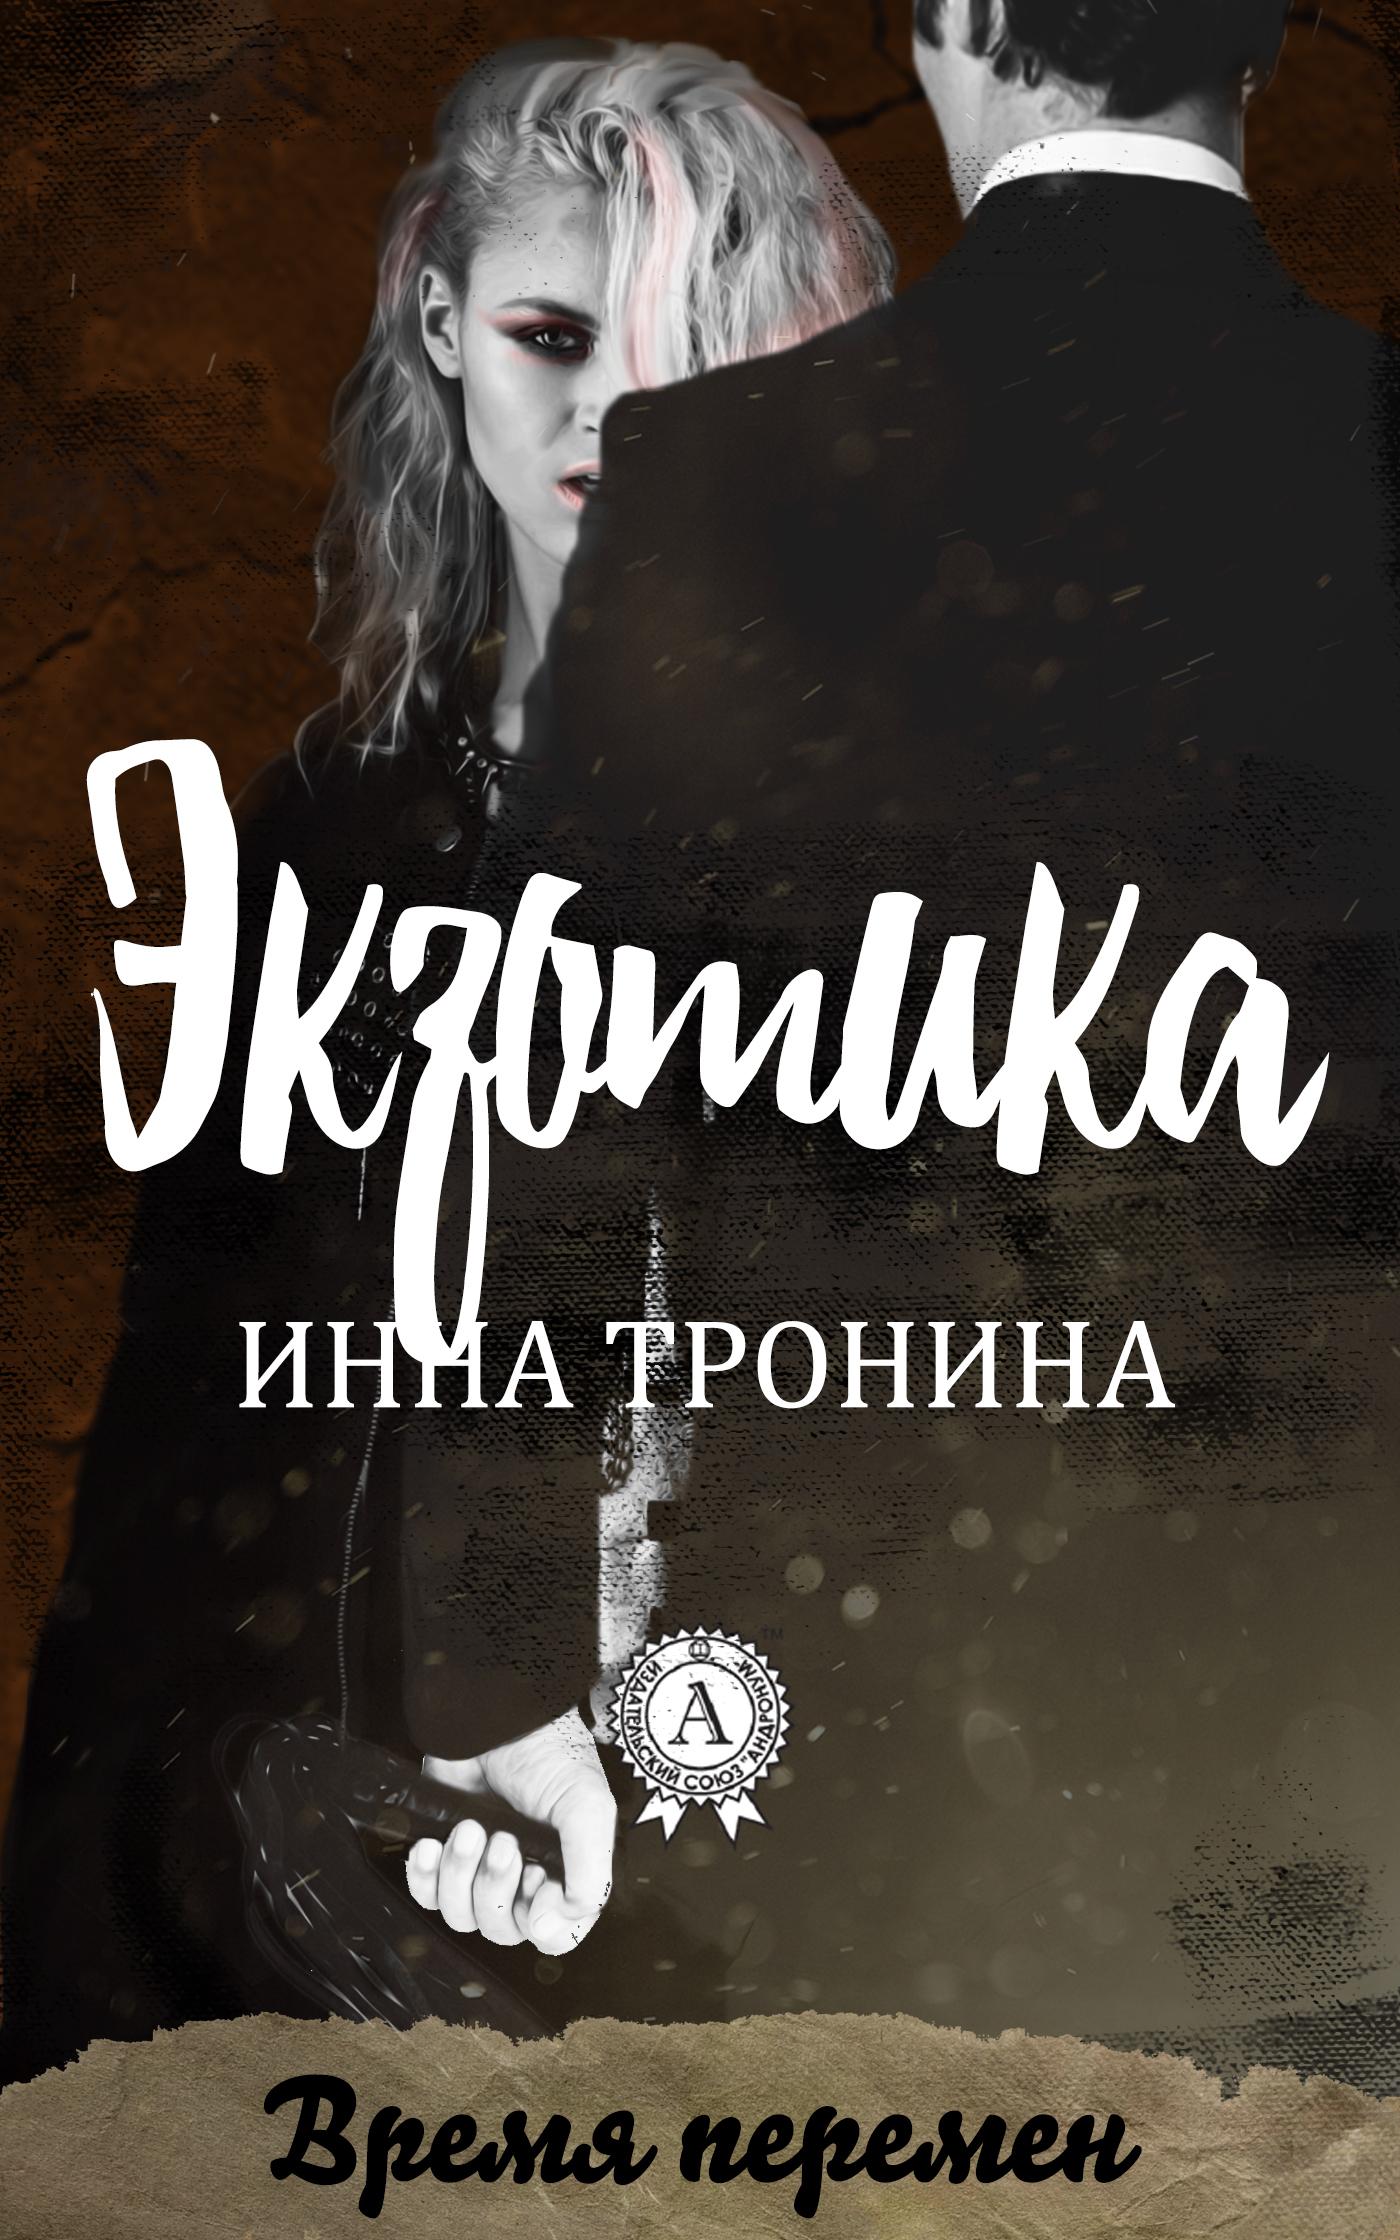 Красивая обложка книги 24/41/11/24411172.bin.dir/24411172.cover.jpg обложка